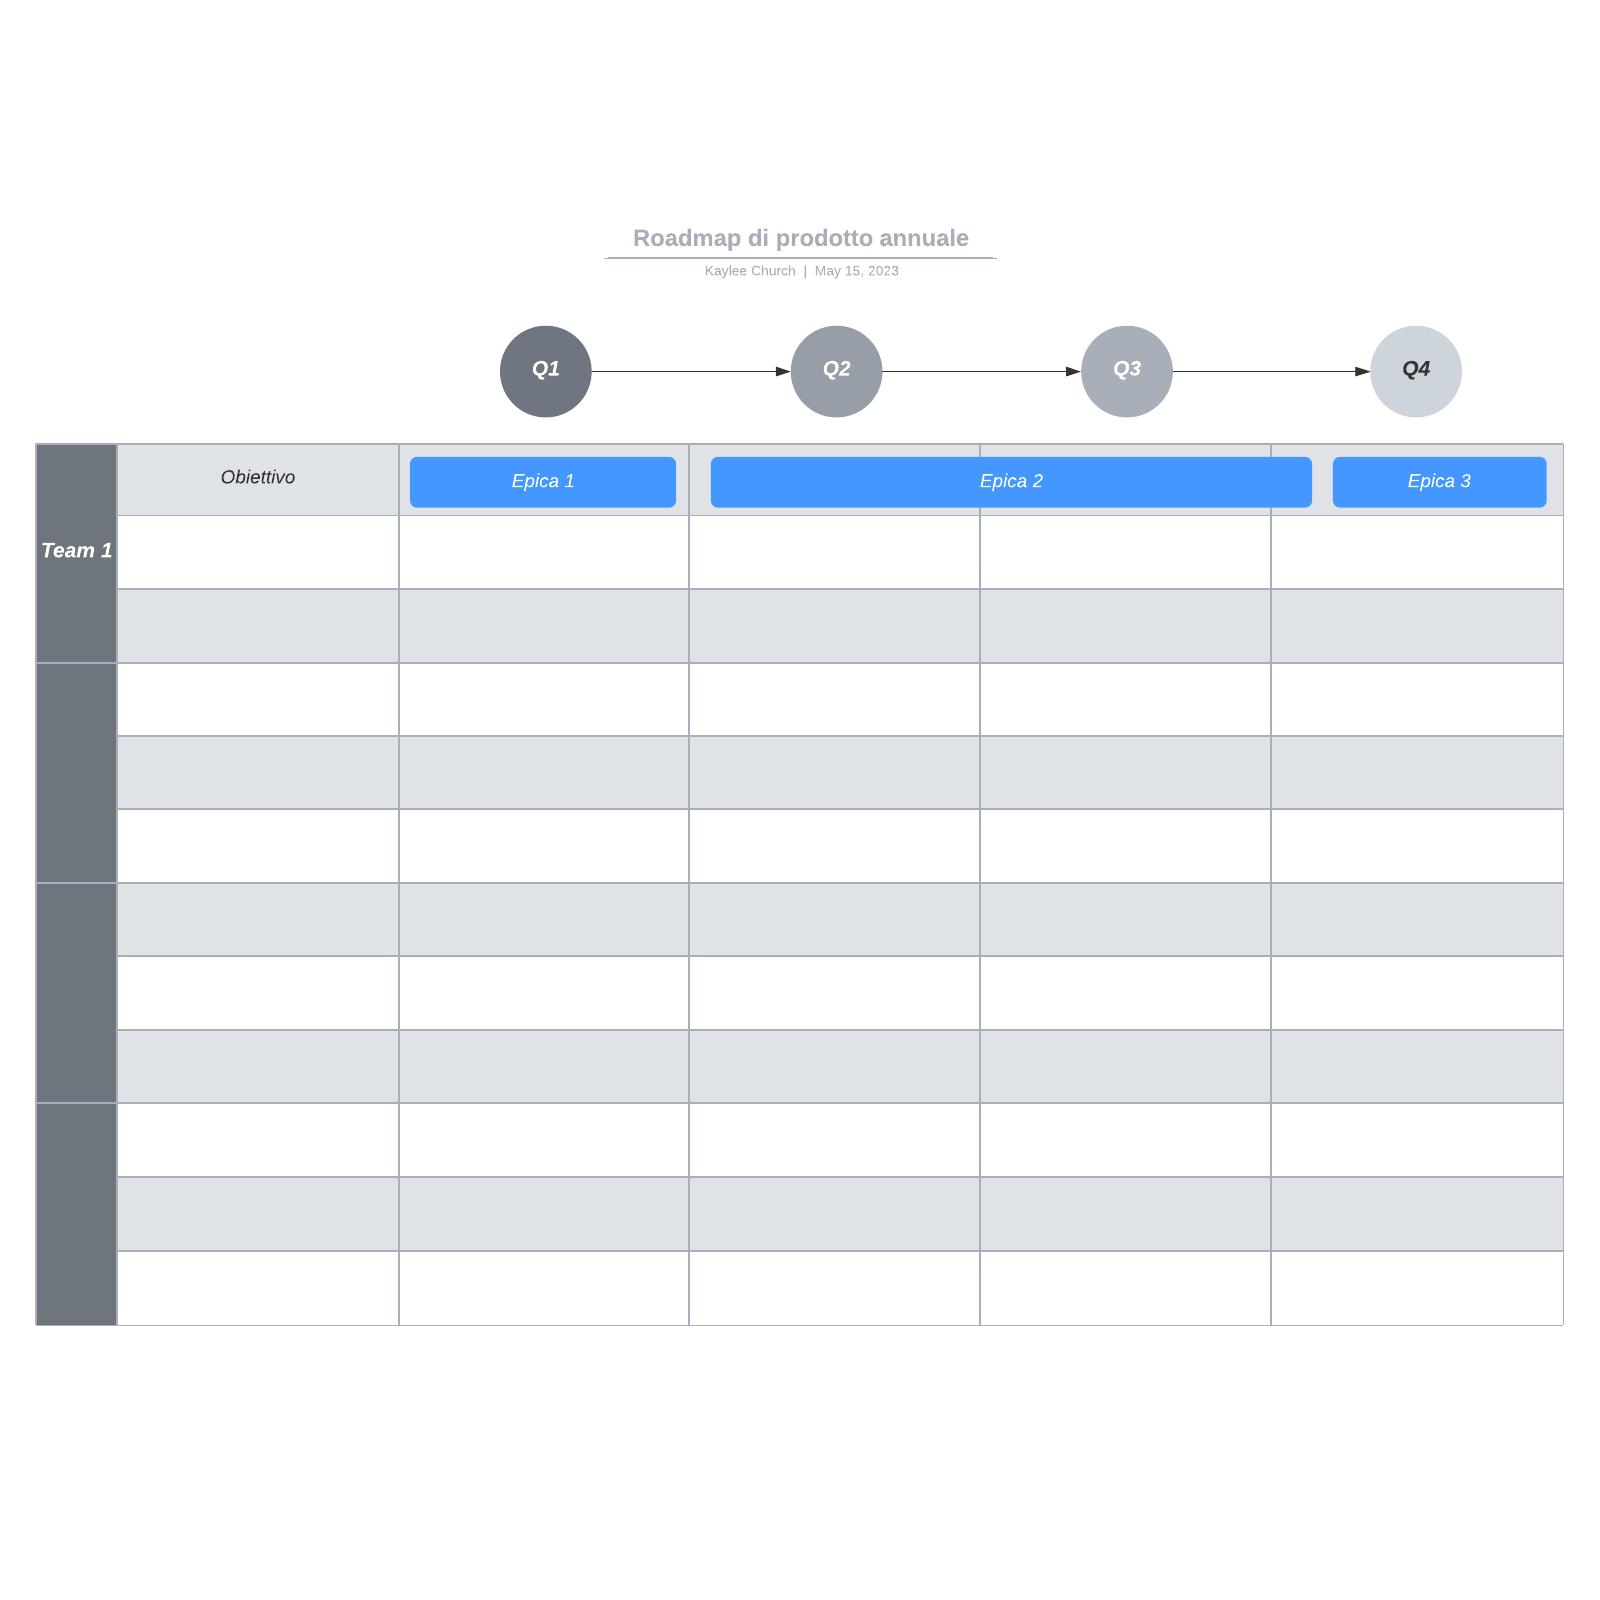 Roadmap di prodotto annuale